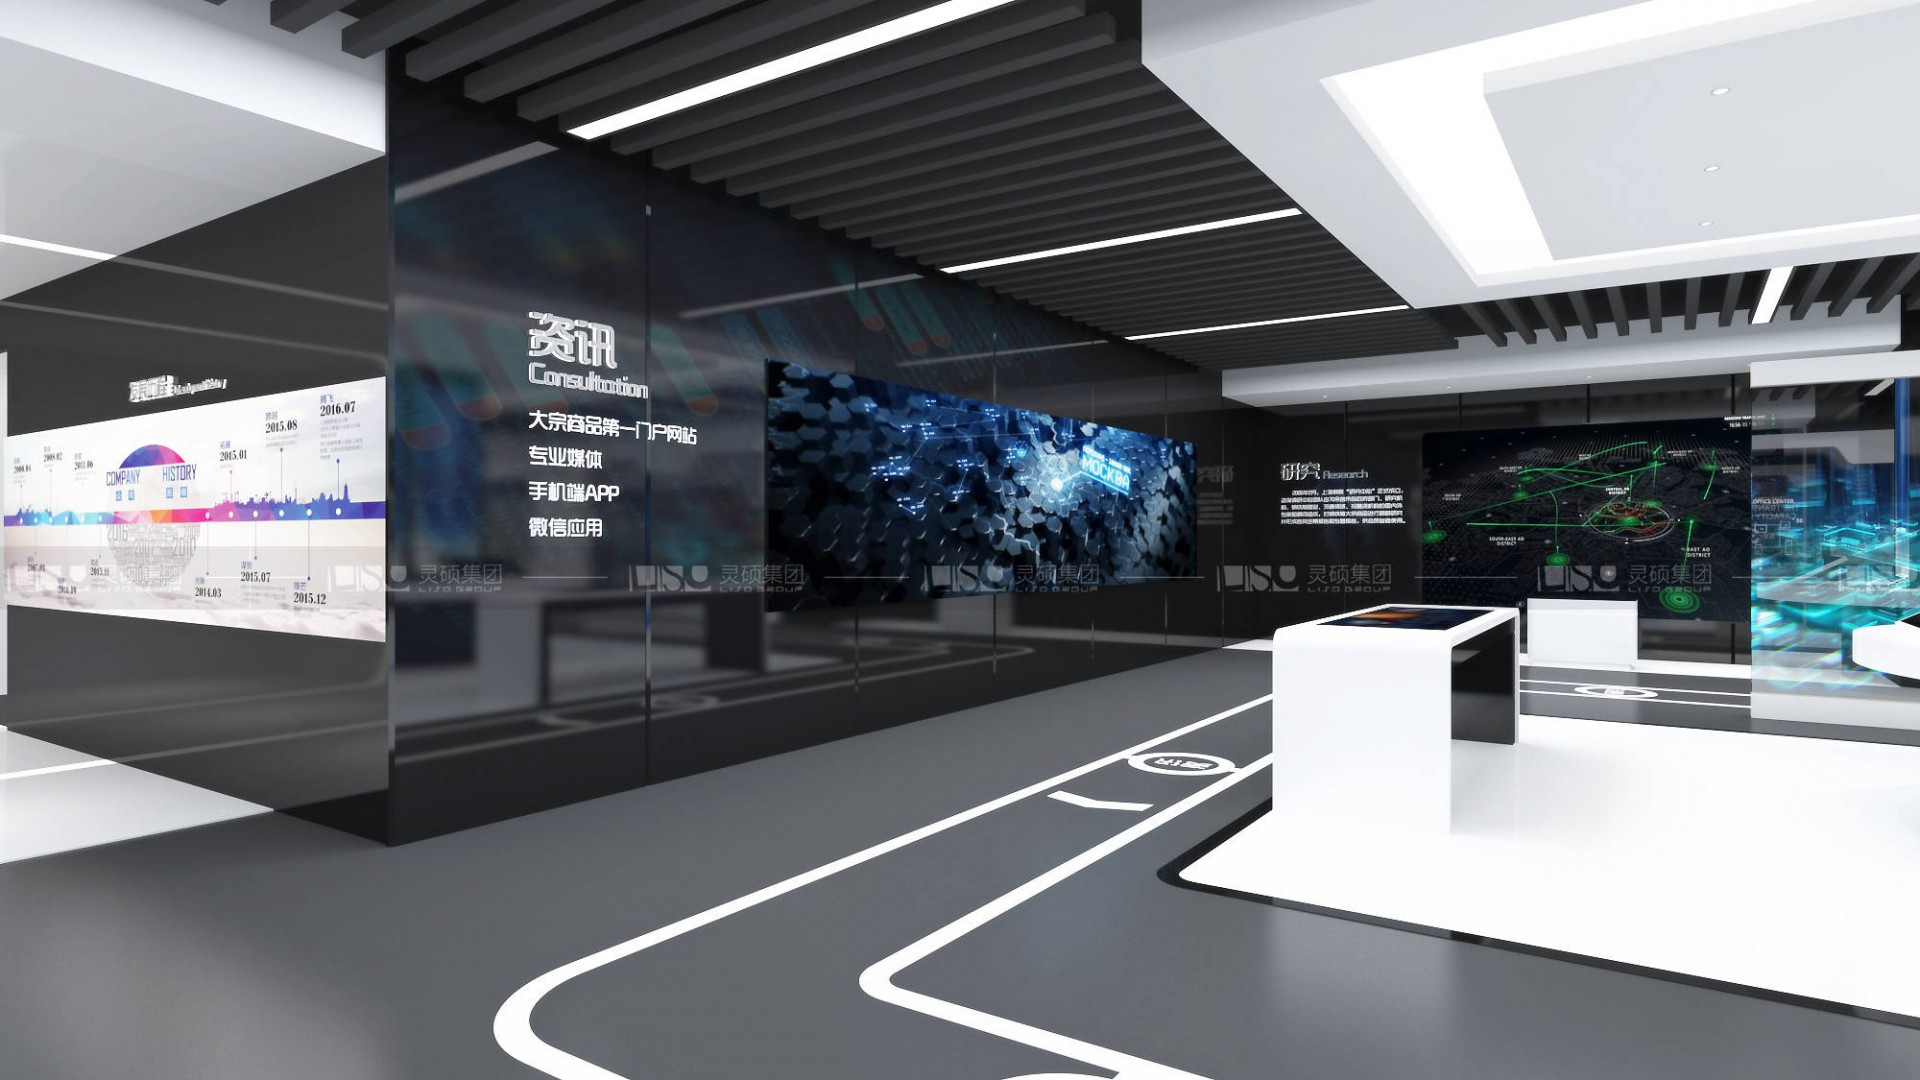 钢联企业文化体验馆设计搭建案例